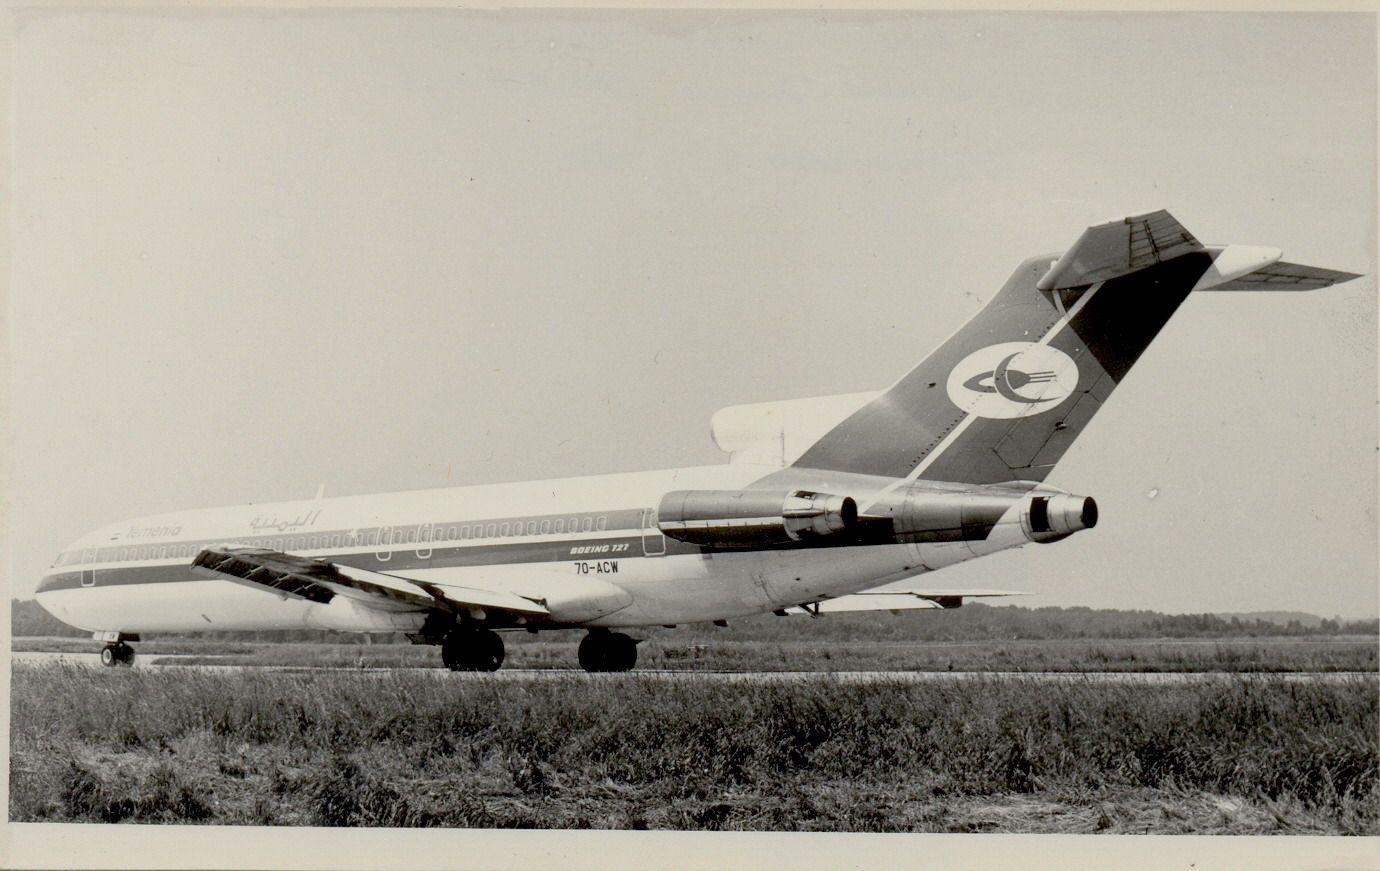 70-ACW B727 Yemenia (1990, SVO).jpg